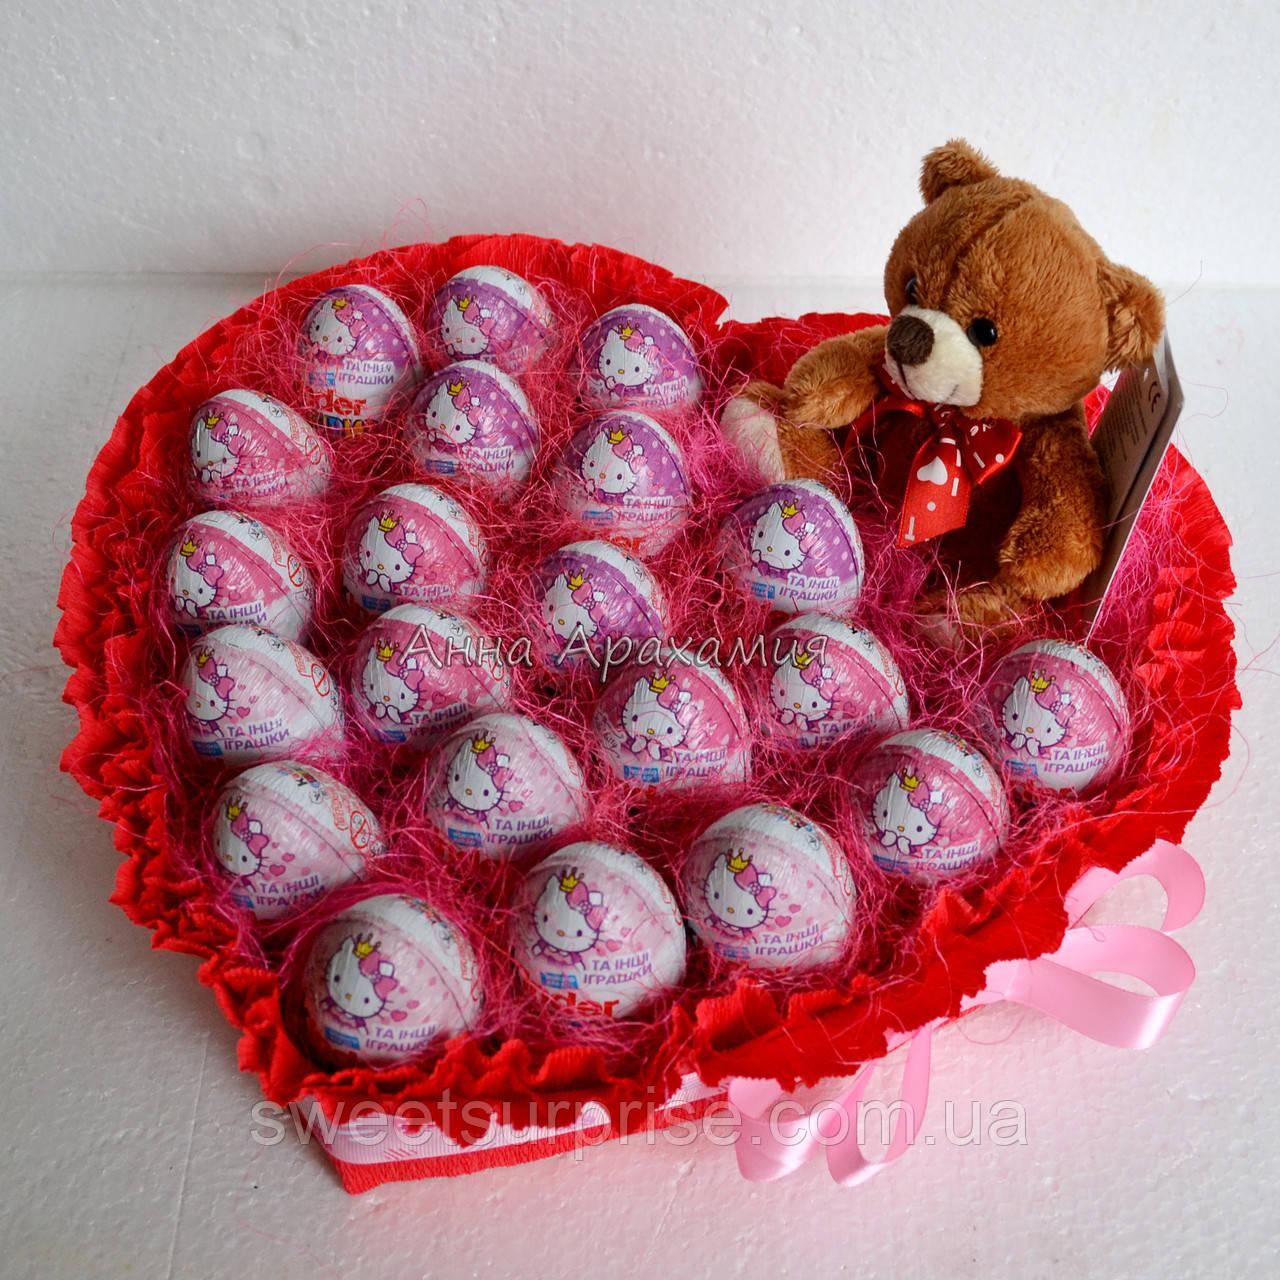 Подарки на 14 февраля День святого Валентина - купить